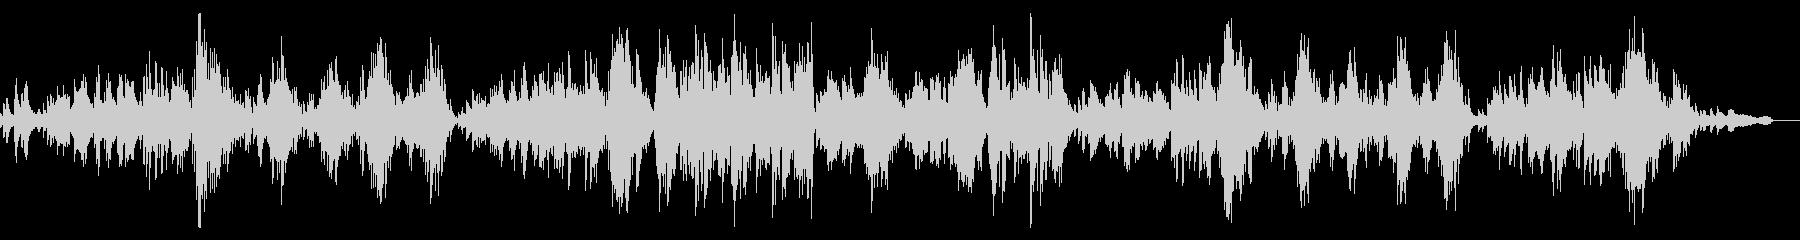 サティの名曲ジュ・トゥ・ヴー(ピアノ)の未再生の波形